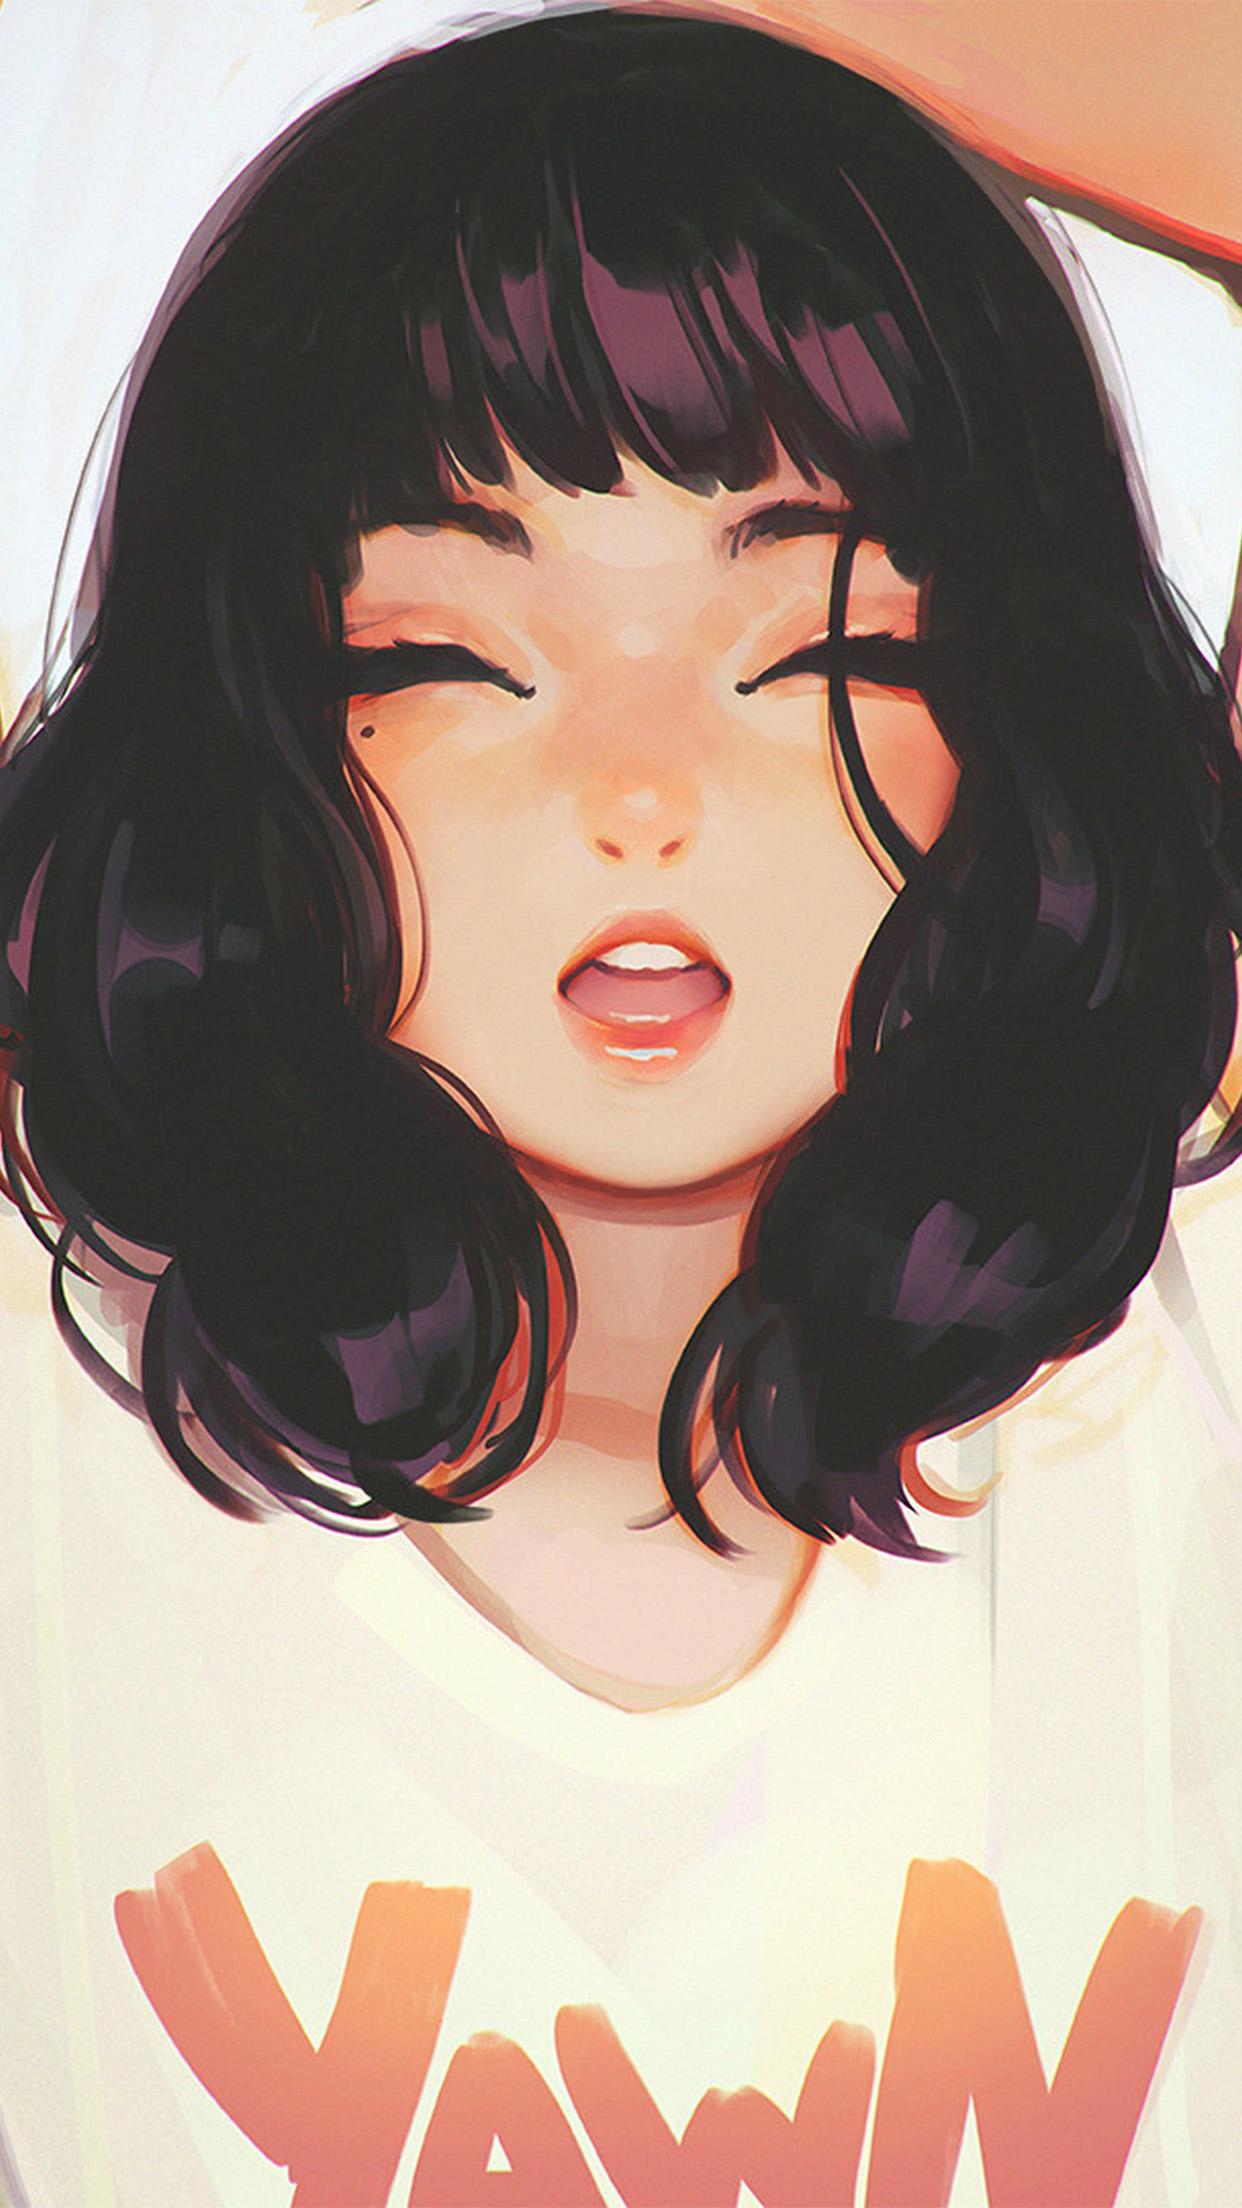 Anime Wallpaper Girls Hair Short Black Eyes Brown Ax04 Girl Smile Ilya Kuvshinov Illustration Art Wallpaper